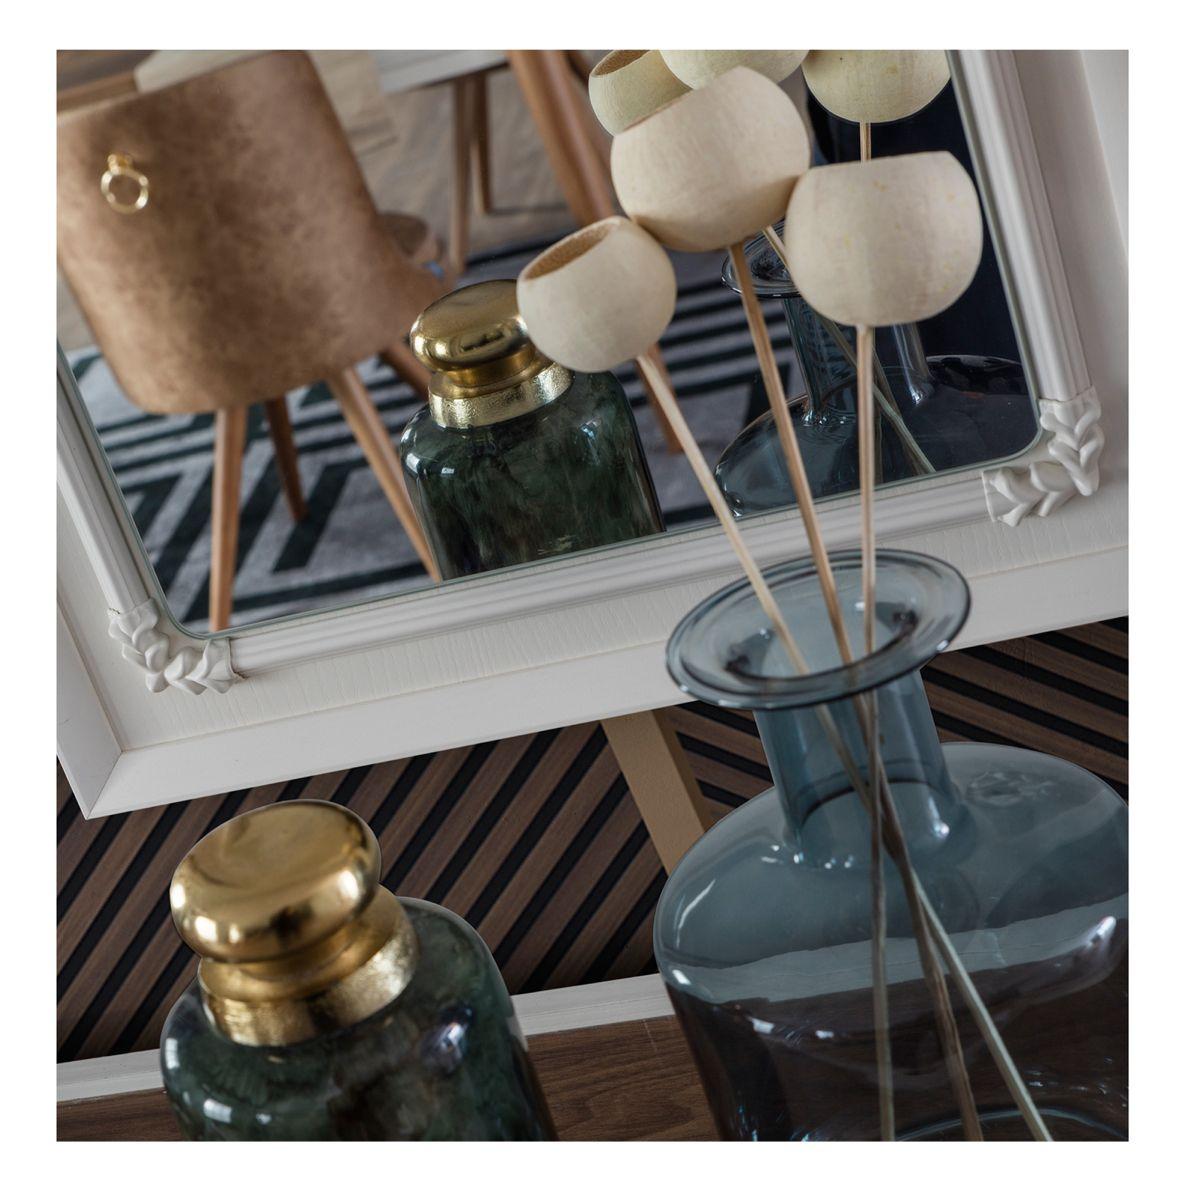 Entelektüel stili ve yaşam alanınıza dinginlik kazandıracak rengiyle BOSTON KREM YEMEK ODASI TAKIMI, son tasarım trendlerine göre Weltew Home' un iç mimarları tarafından tasarlandı. . . . . #furniture #diningroom #yemekodası #home #homedesign #mobilya #weltewhome #table #chair #sandalye #yemekmasası #followme #takip